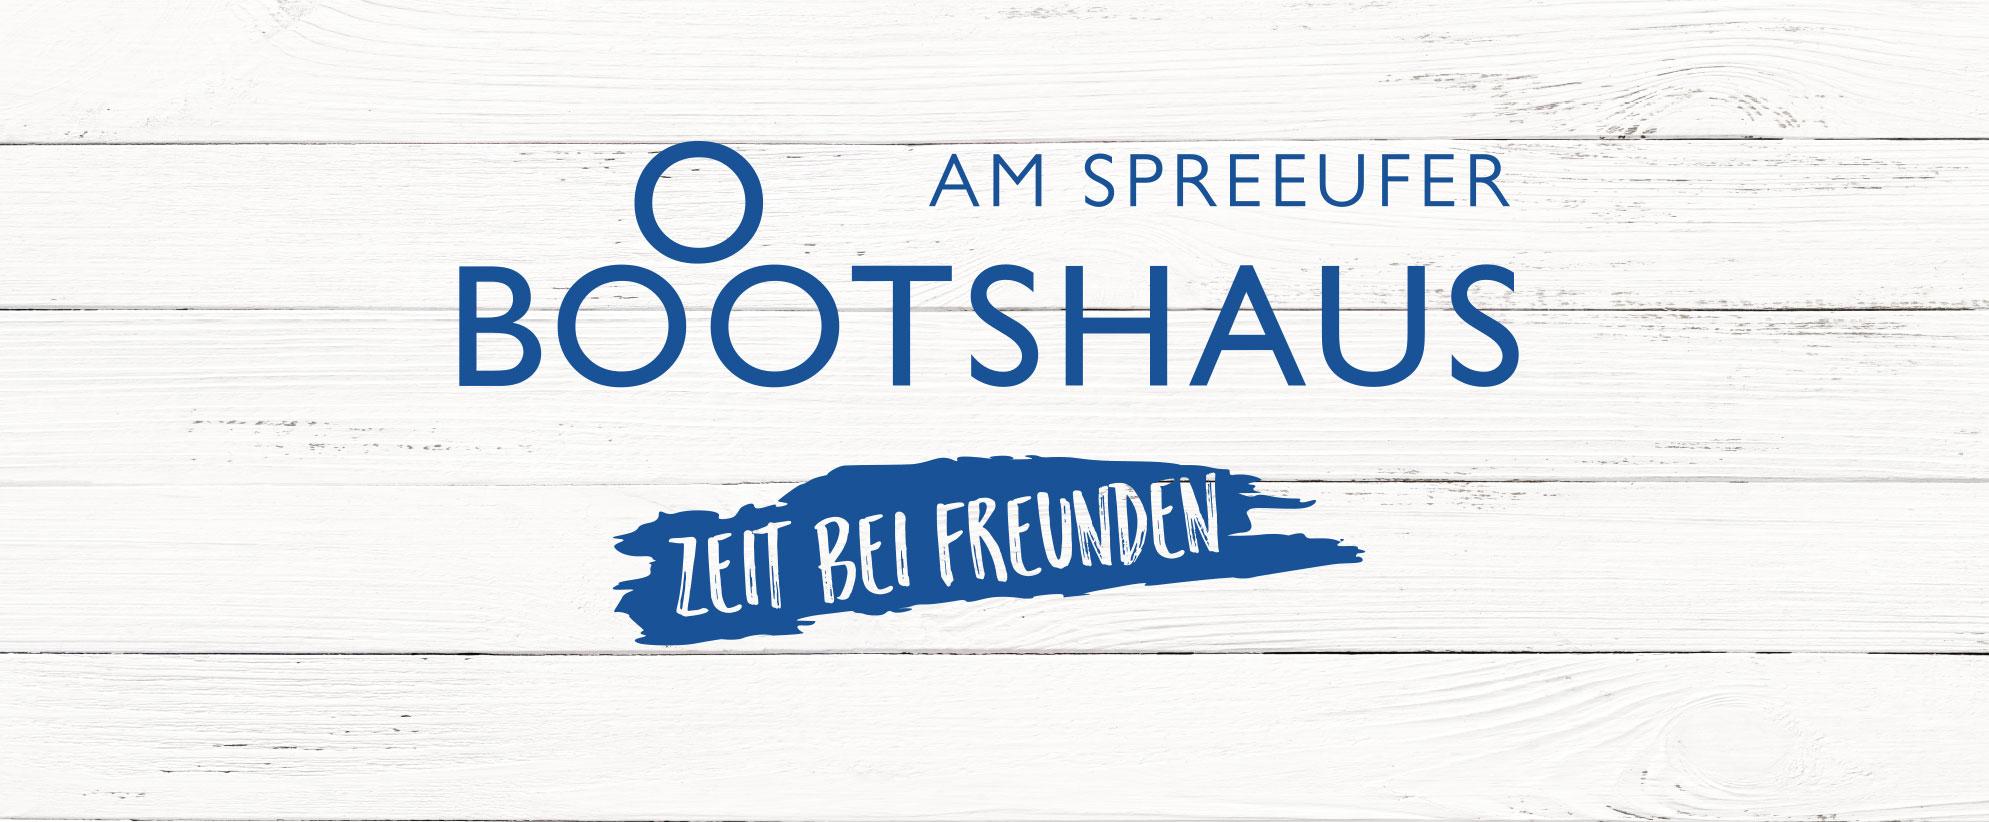 Boootshaus Beeskow - Am Spreeufer